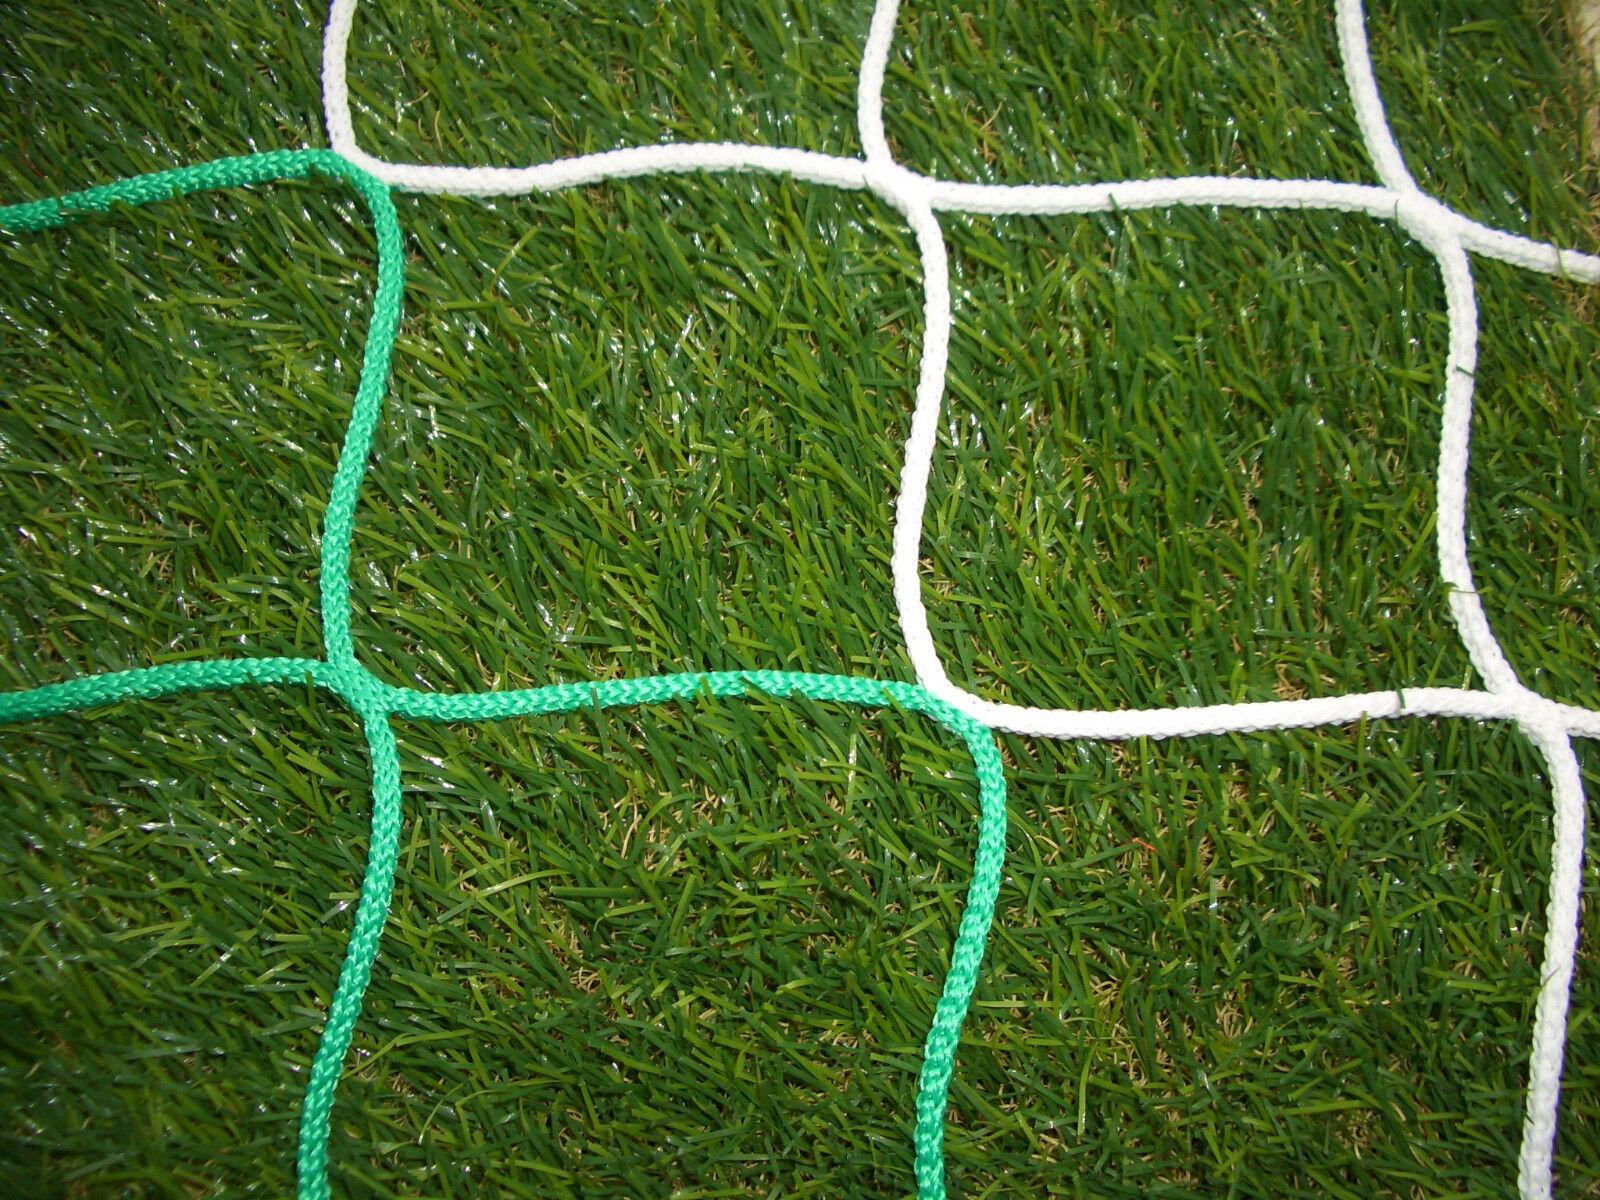 Tornetz, Handballnetz, Handballtornetz, Netz für Handball, grün weiß, PP 4 mm   | Räumungsverkauf  | Zuverlässige Leistung